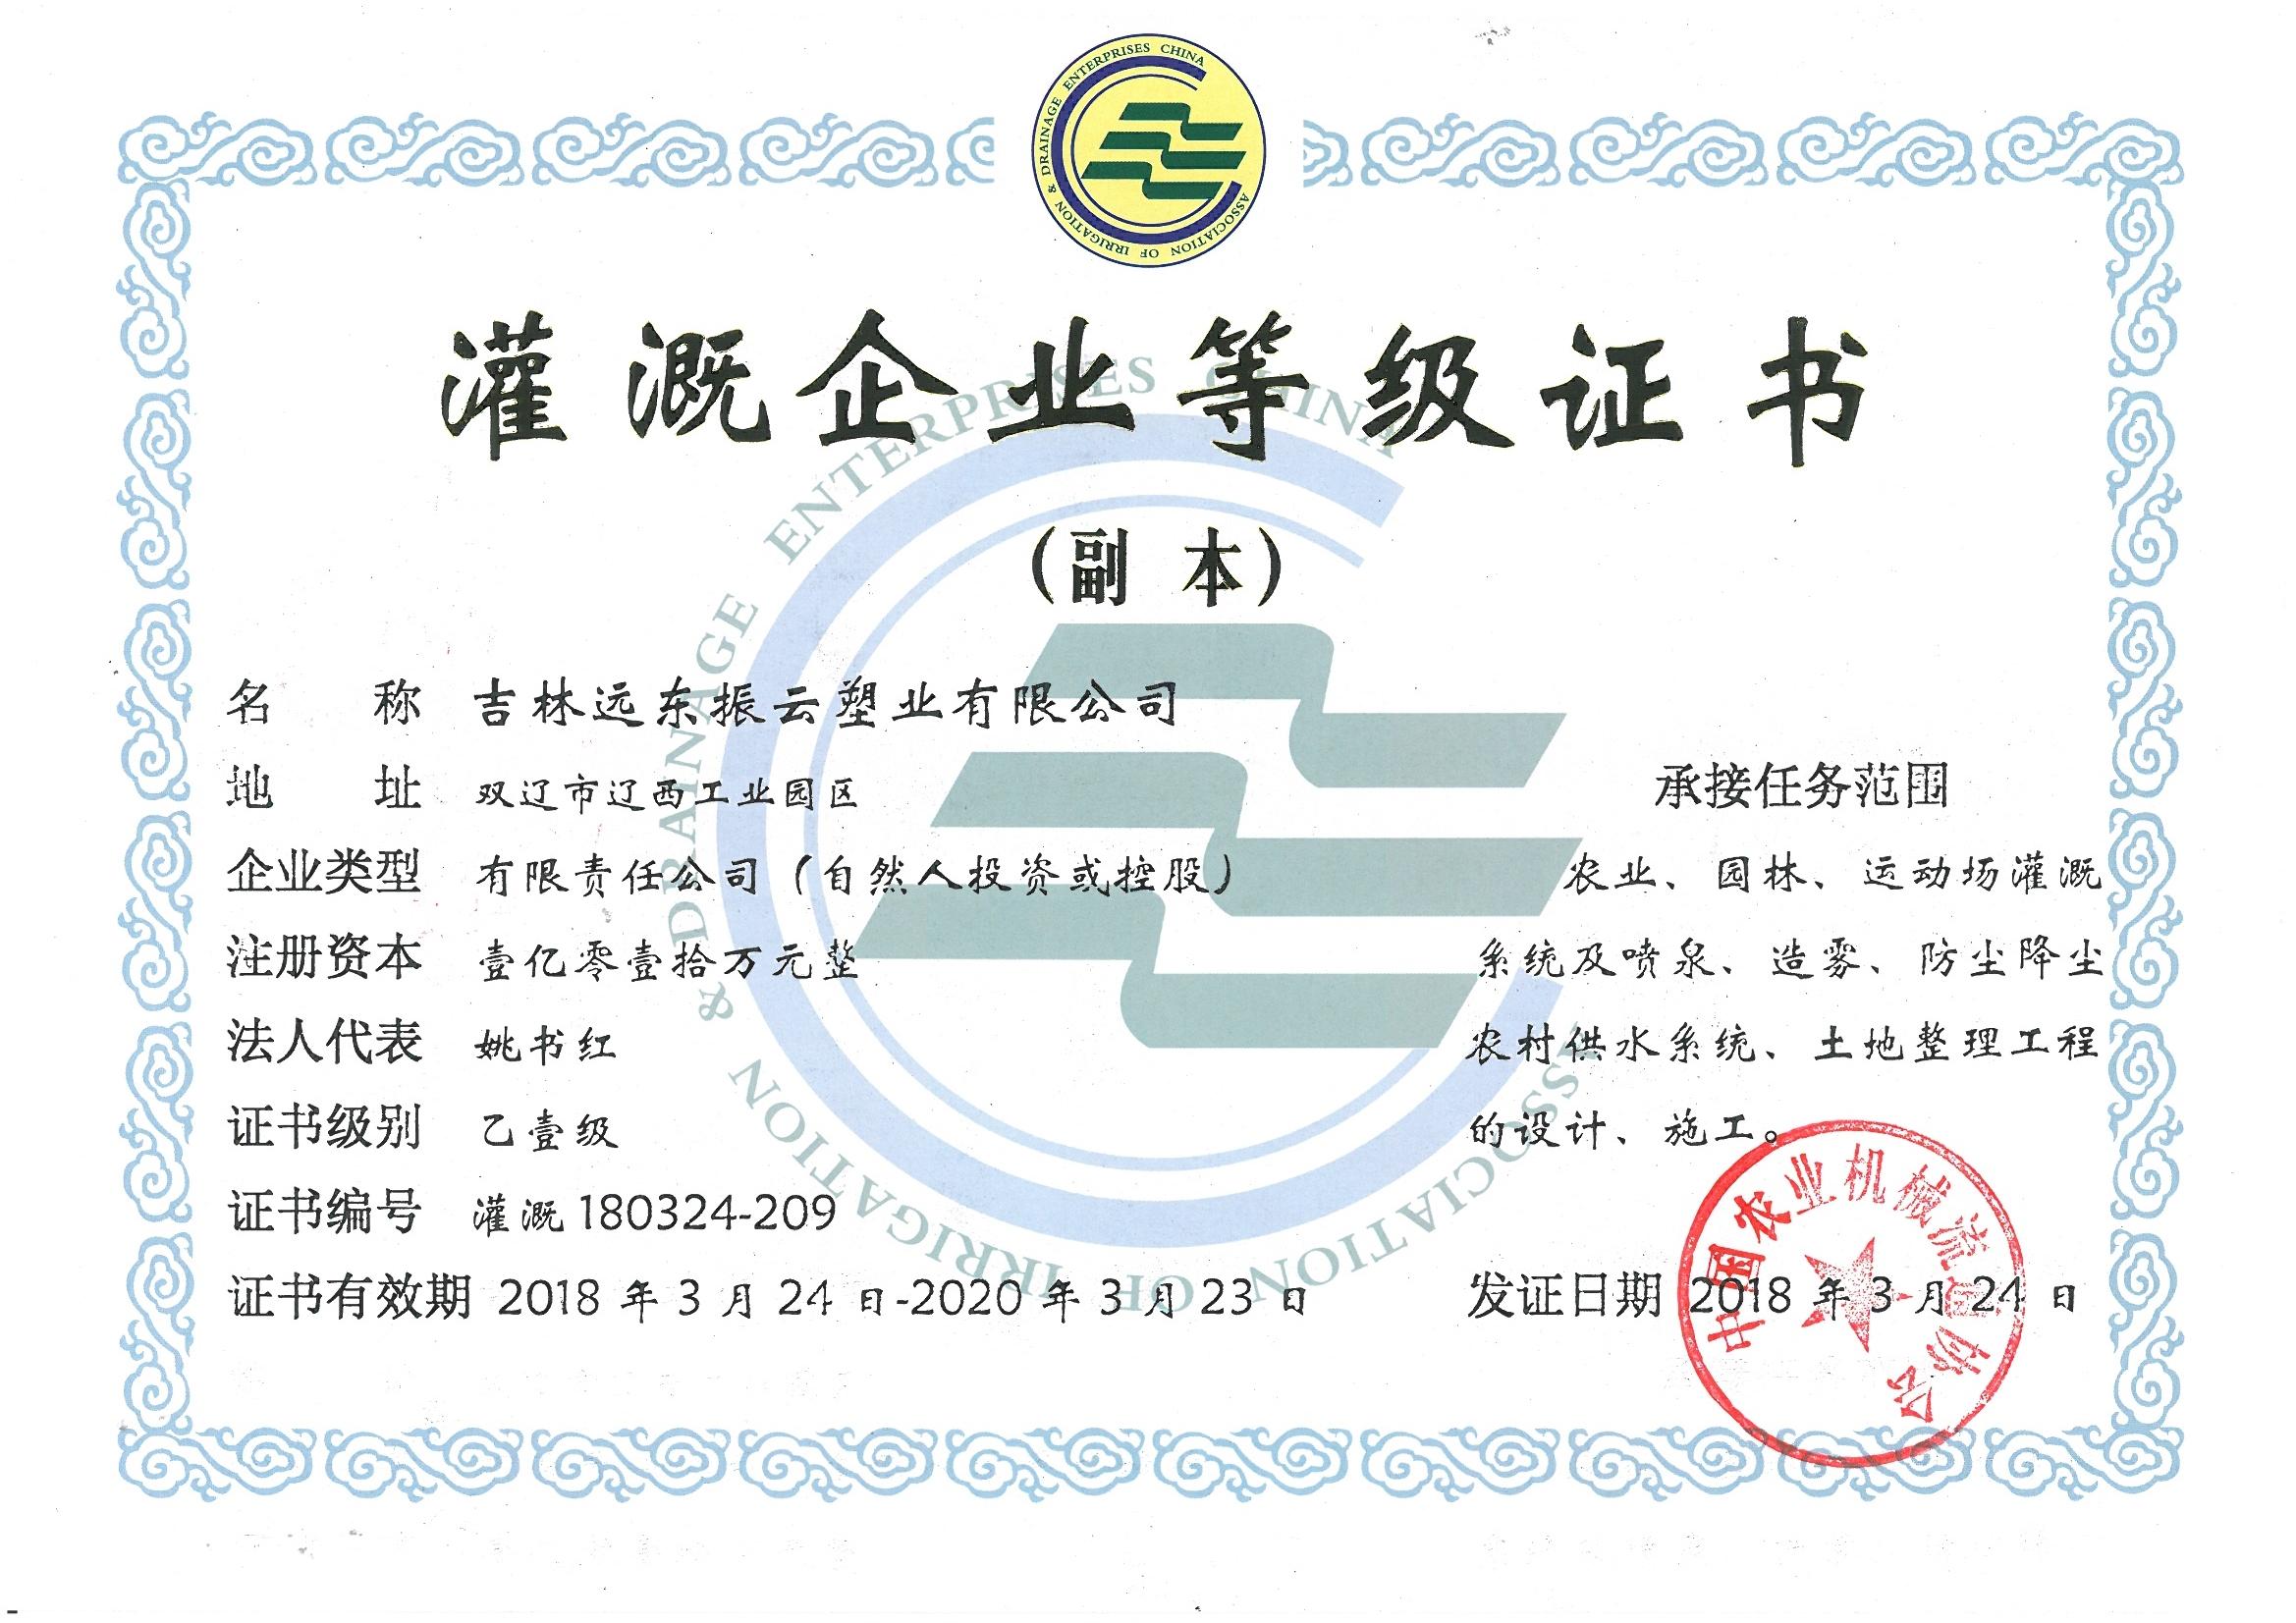 灌溉企业等证书